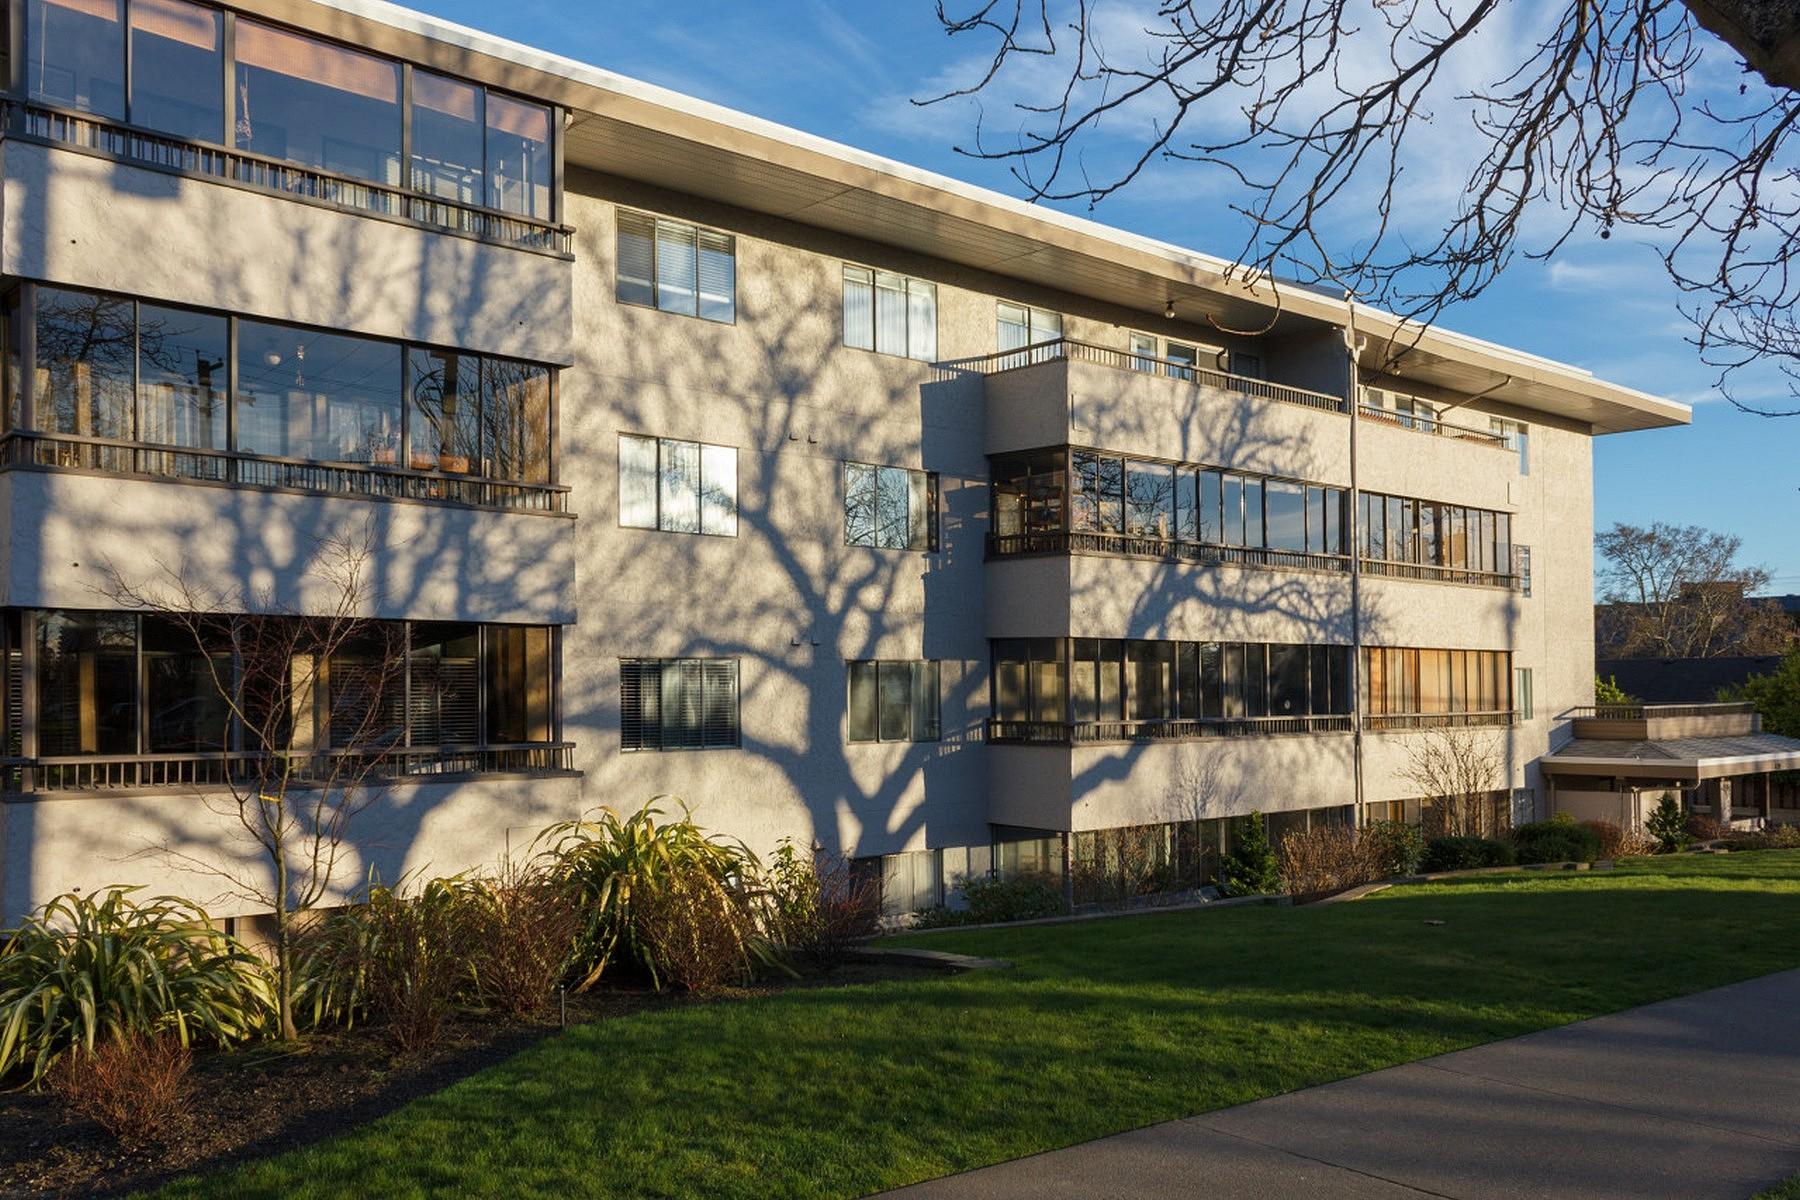 Nhà chung cư vì Bán tại Sought After Fairfield Condo 103- 439 Cook St Victoria, British Columbia V8V 3Y2 Canada